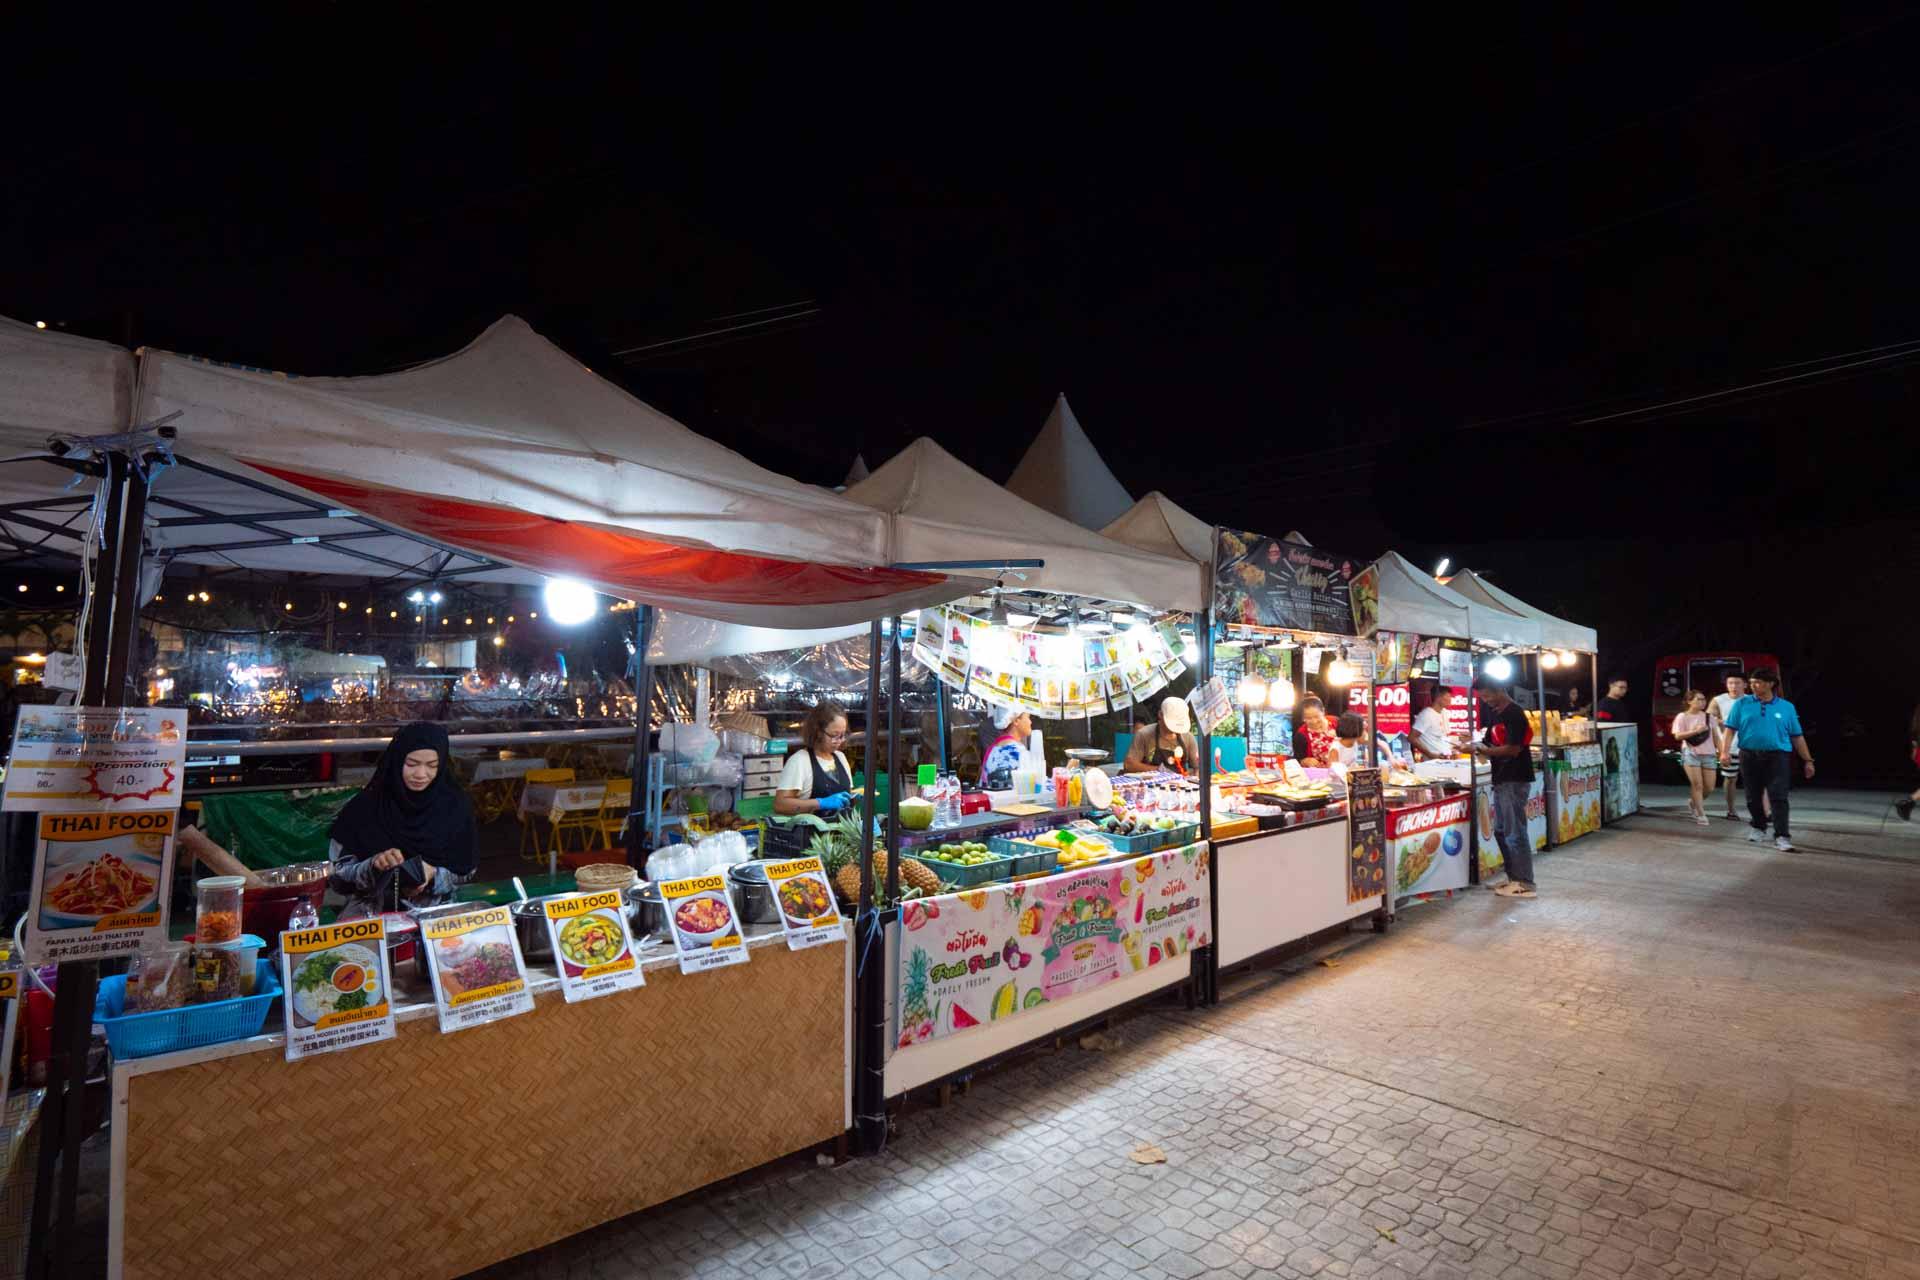 Koh-Samui-things-to-do-streetfood-market